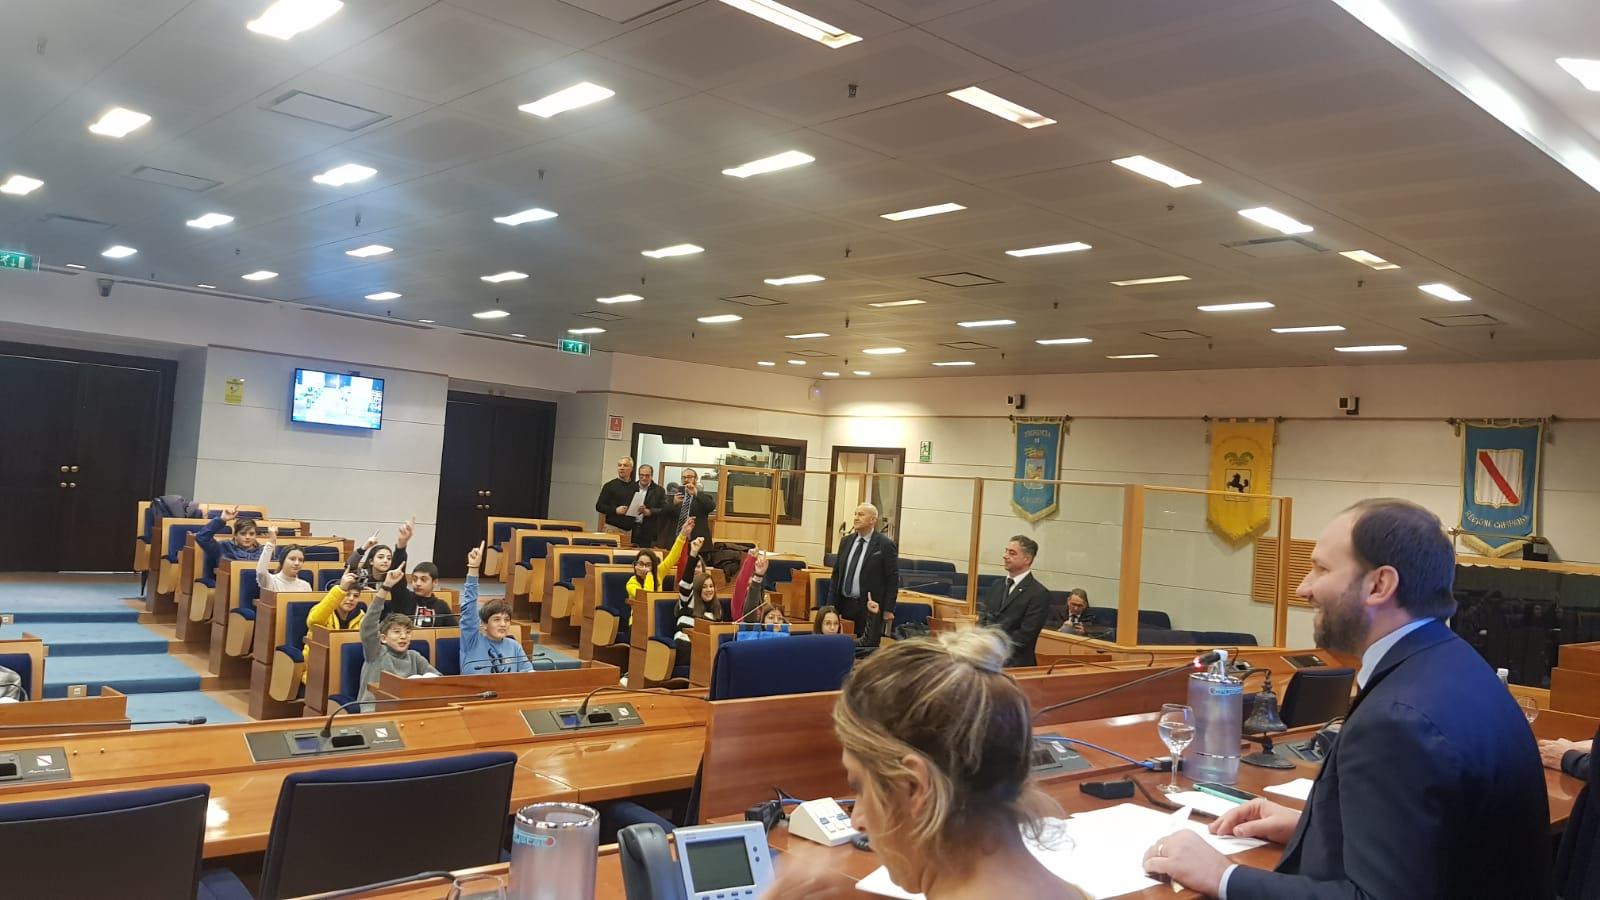 Napoli Gli Alunni Dell Ic Maddaloni 1villaggio In Consiglio Regionale Larampa It